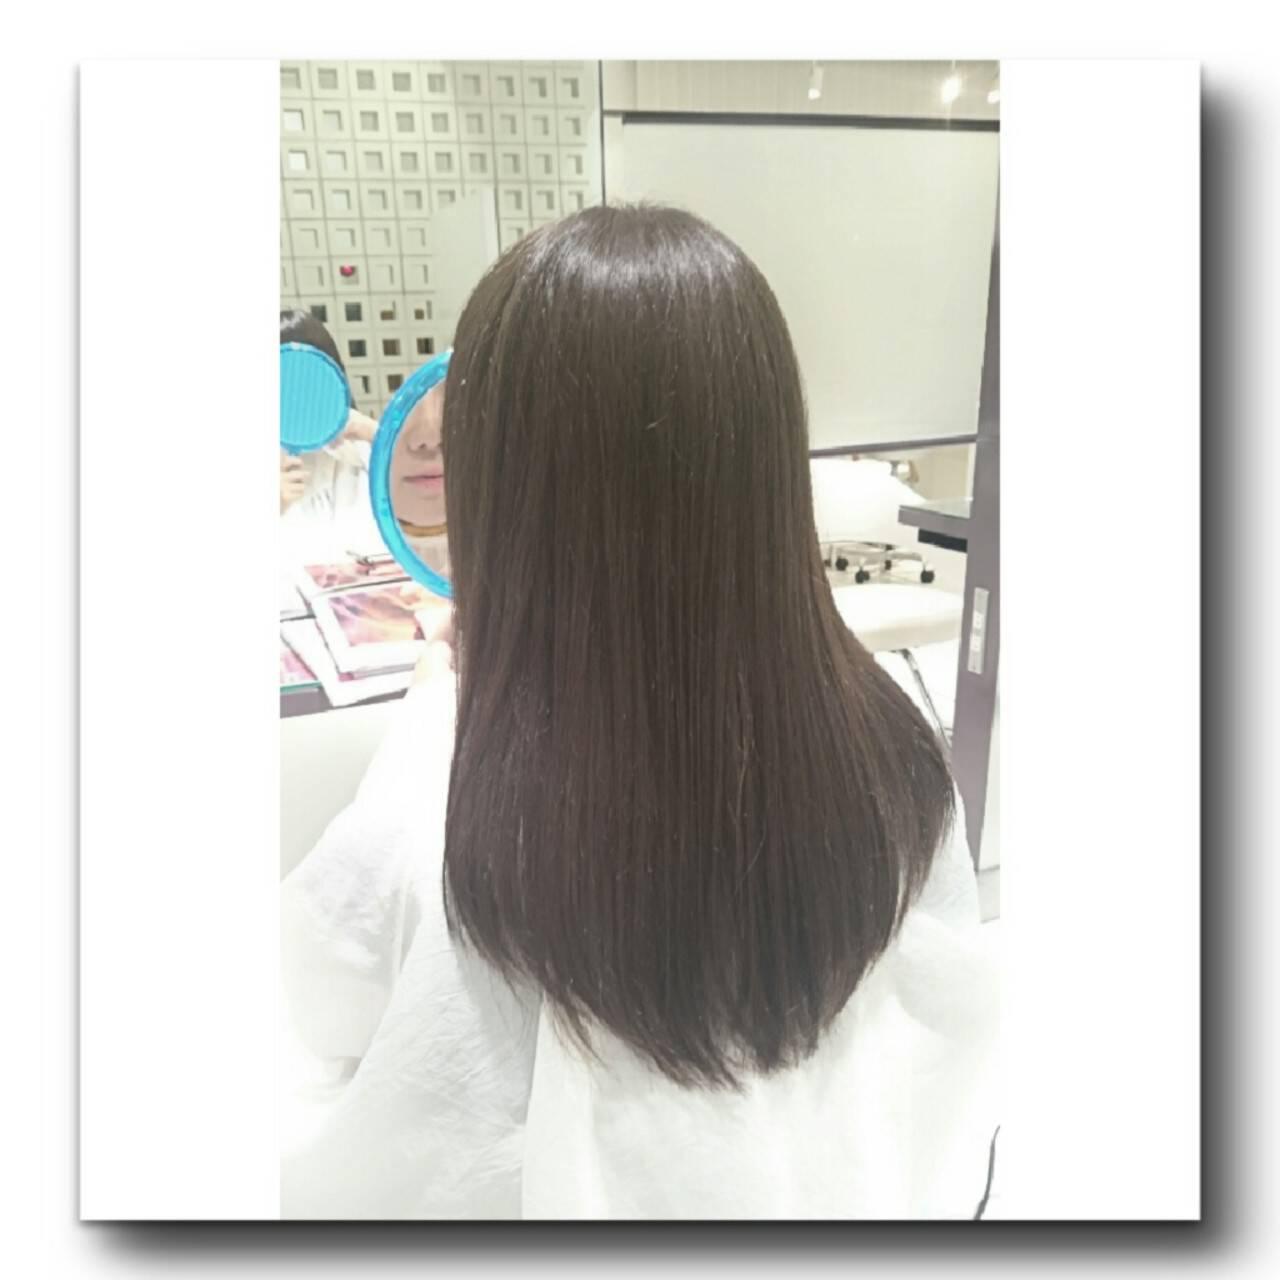 グレージュ アッシュ ストリート ロングヘアスタイルや髪型の写真・画像